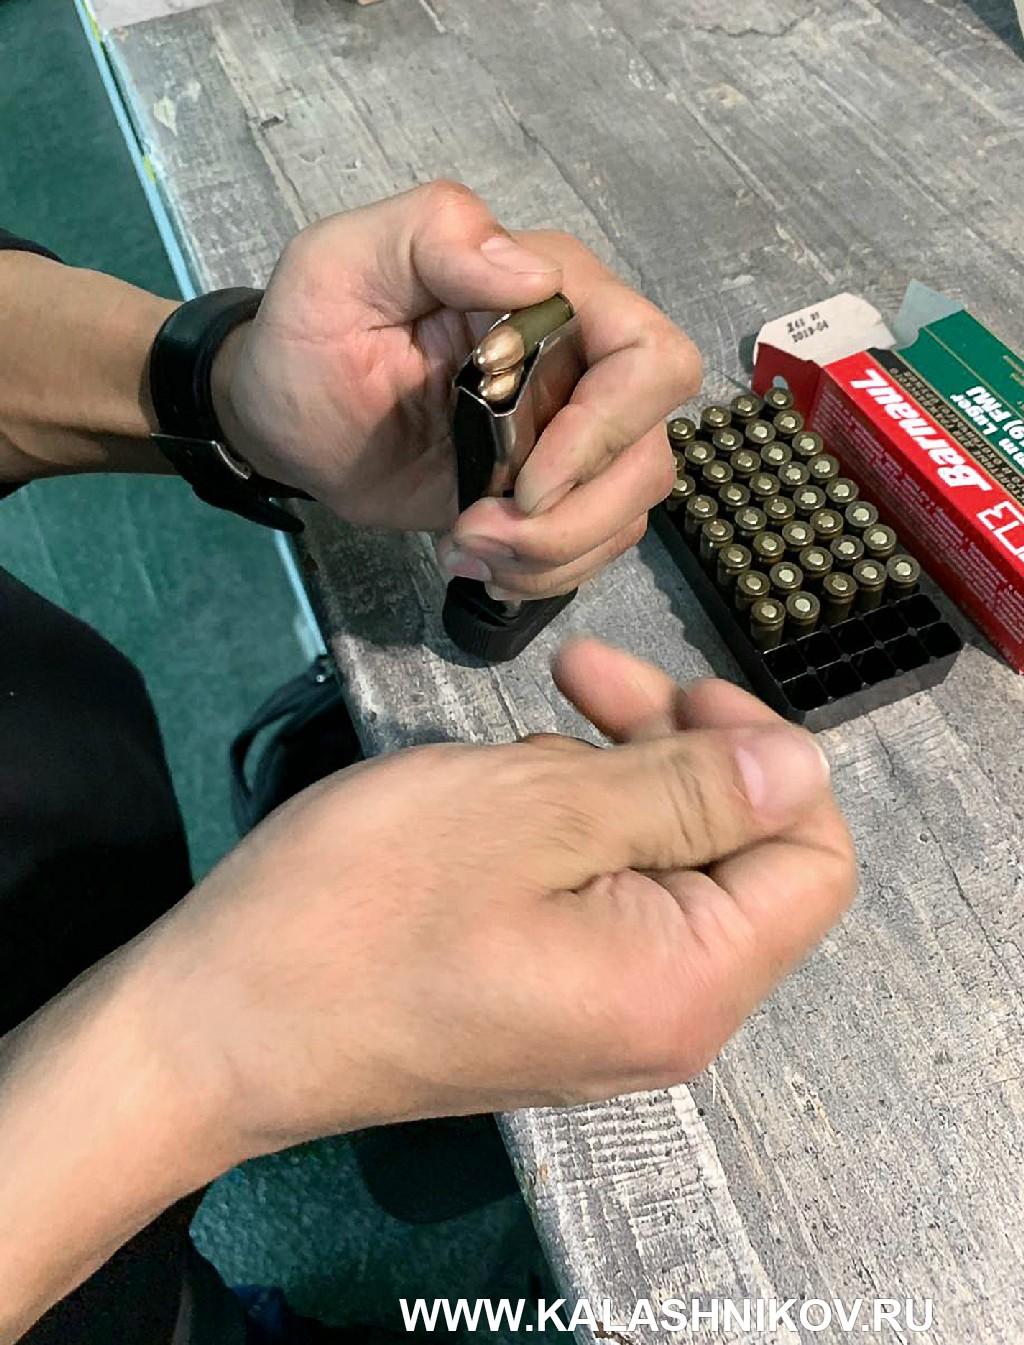 Чемпионат России по практической стрельбе изпистолета. Фото 2